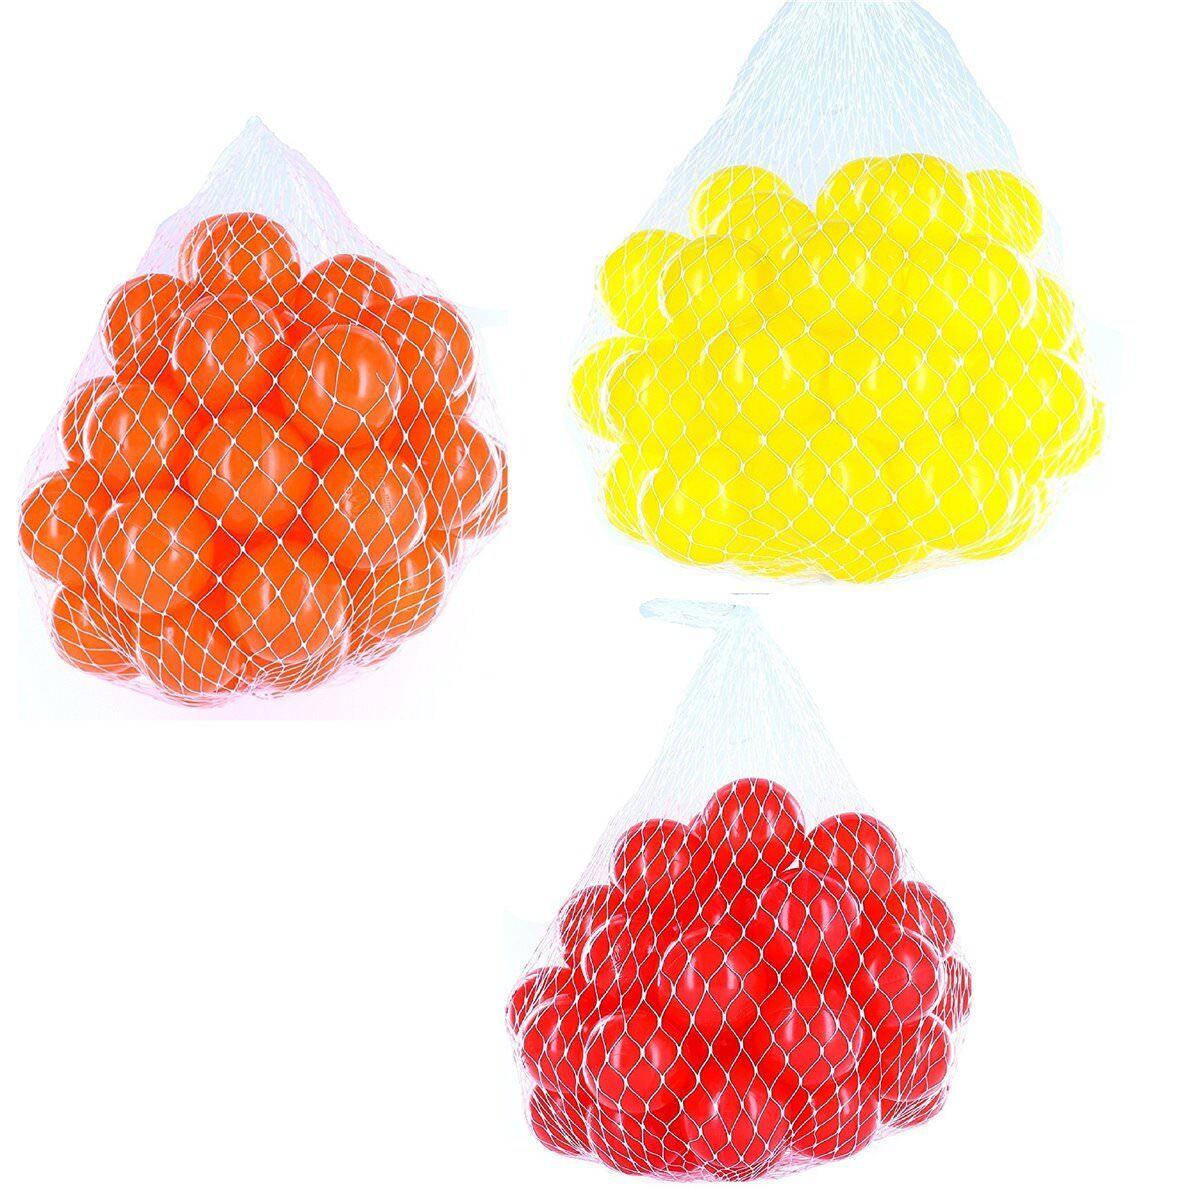 150-9000 Bagno di palline palle 55mm mix rosso Giallo Arancione Misto Colorei